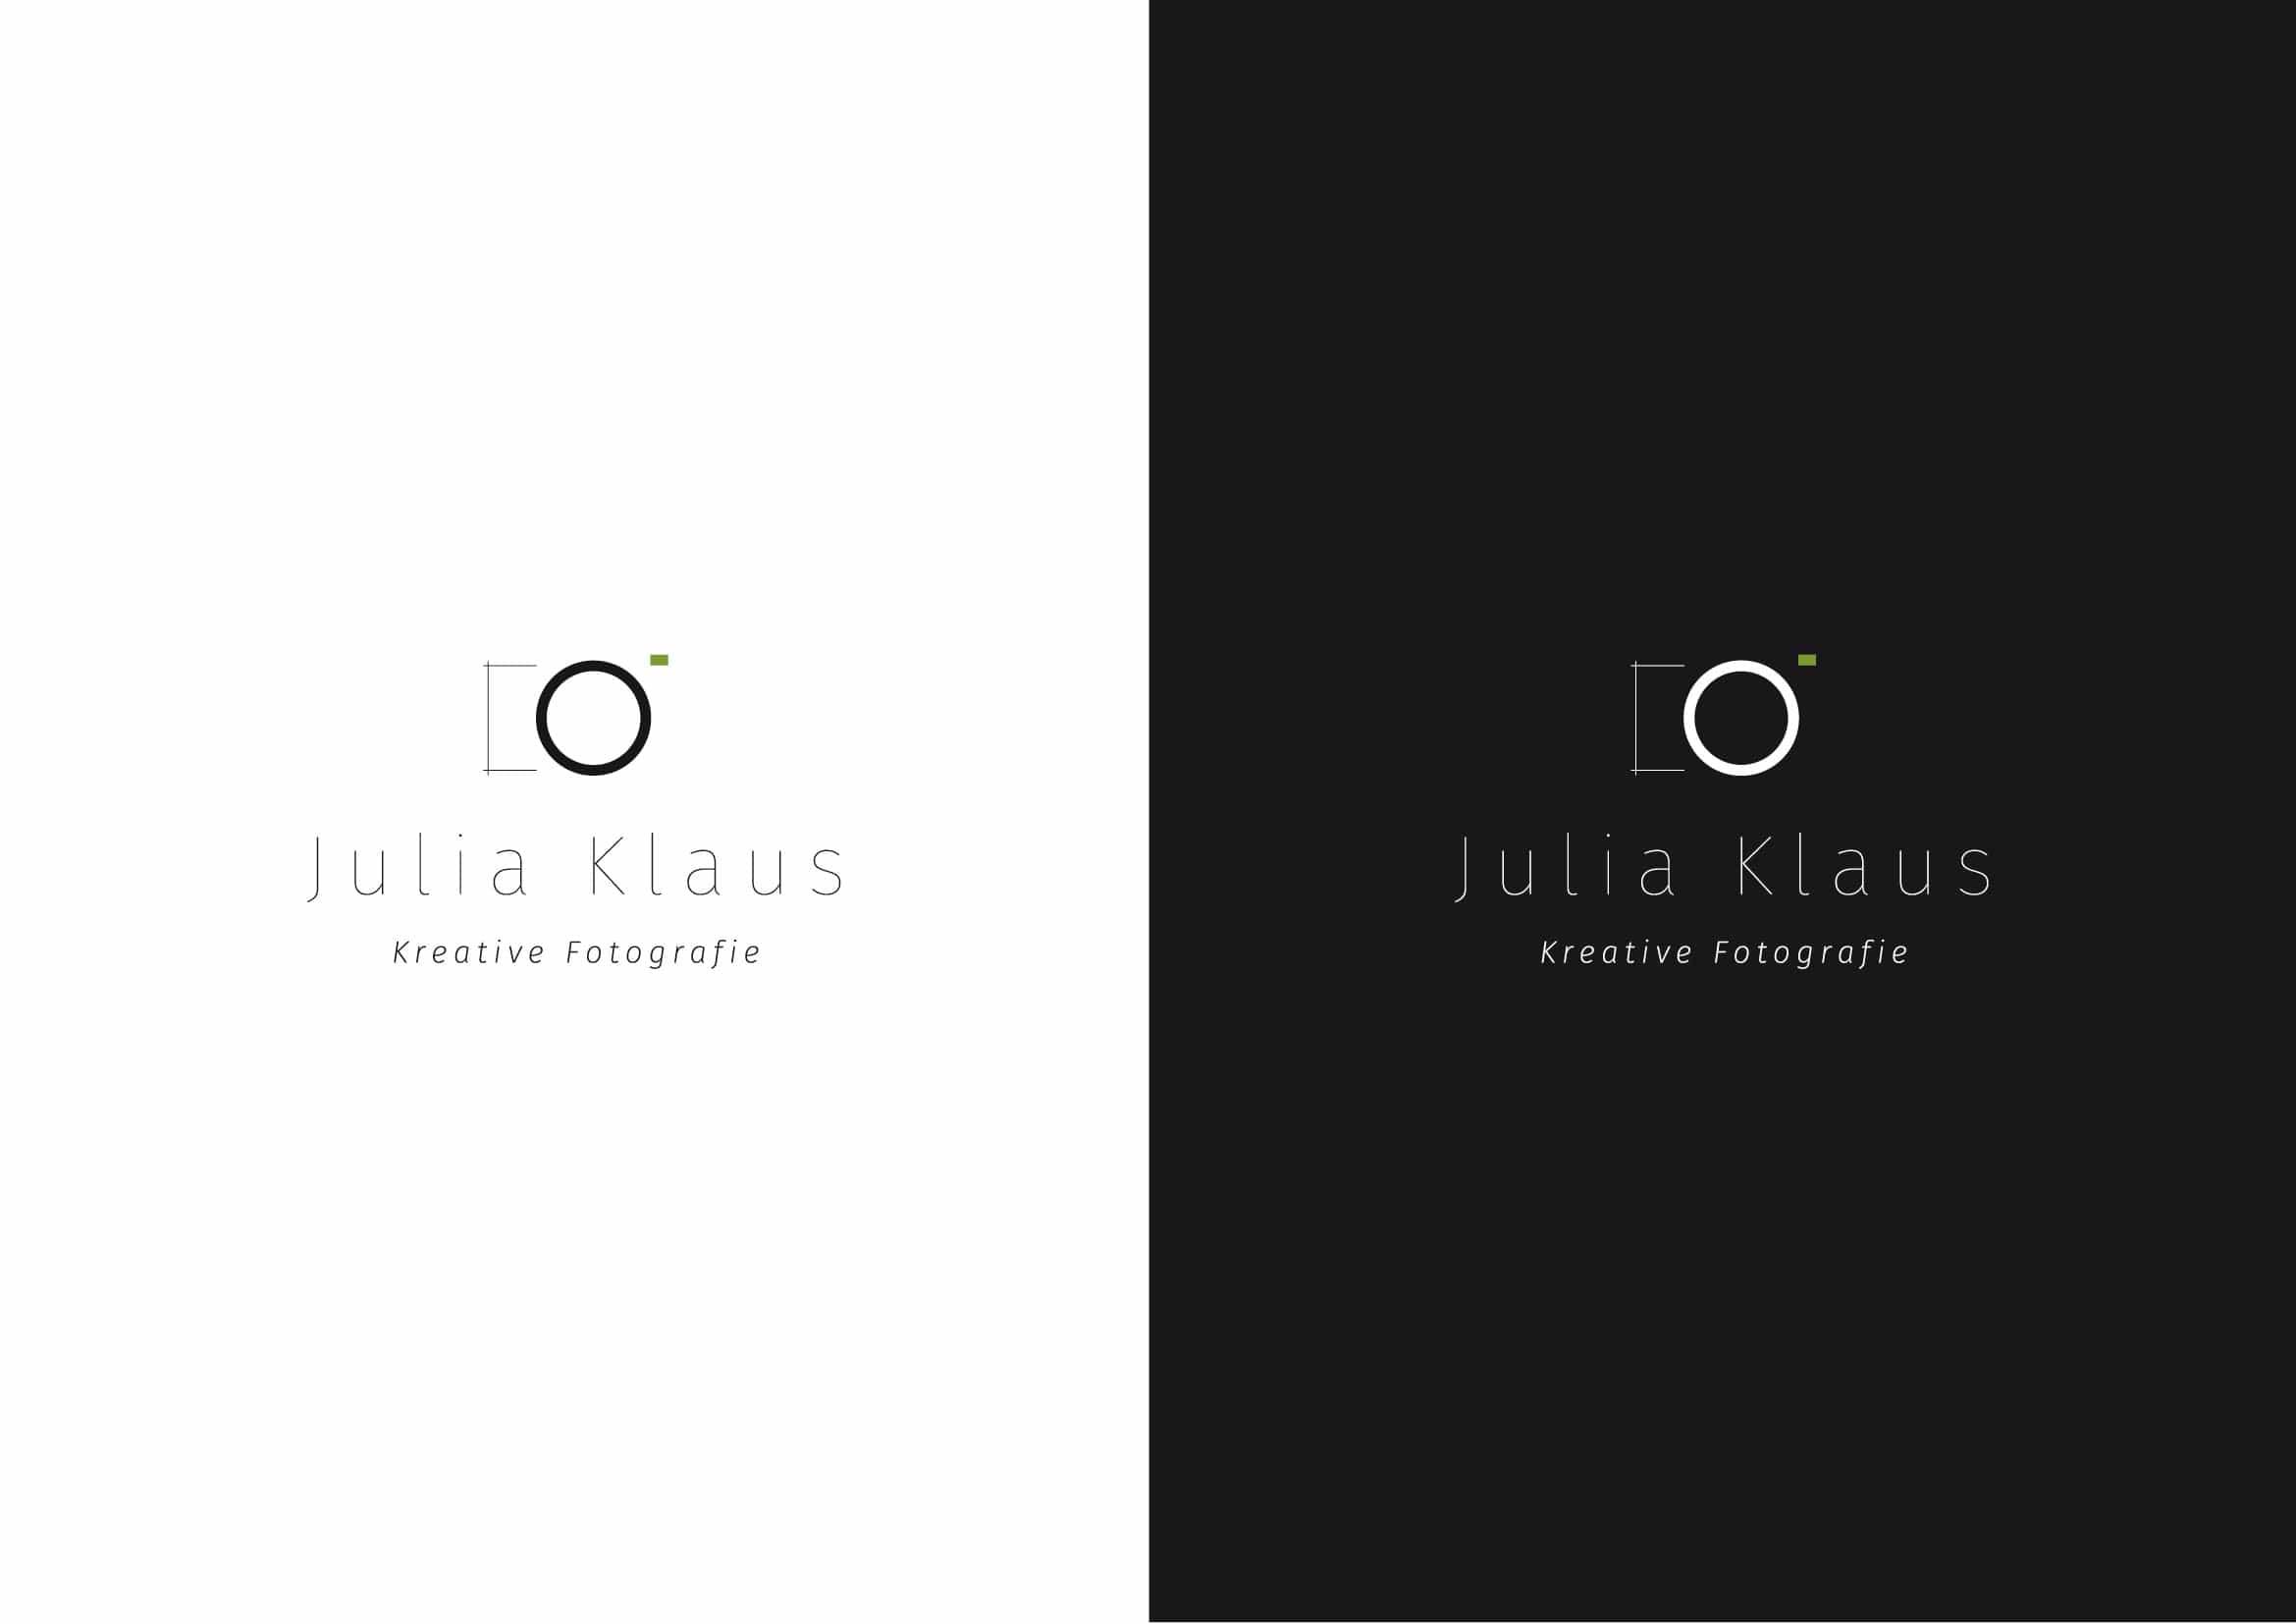 Logo Entwicklung für Fotografen durch Grafik-Designer Ronald Wissler